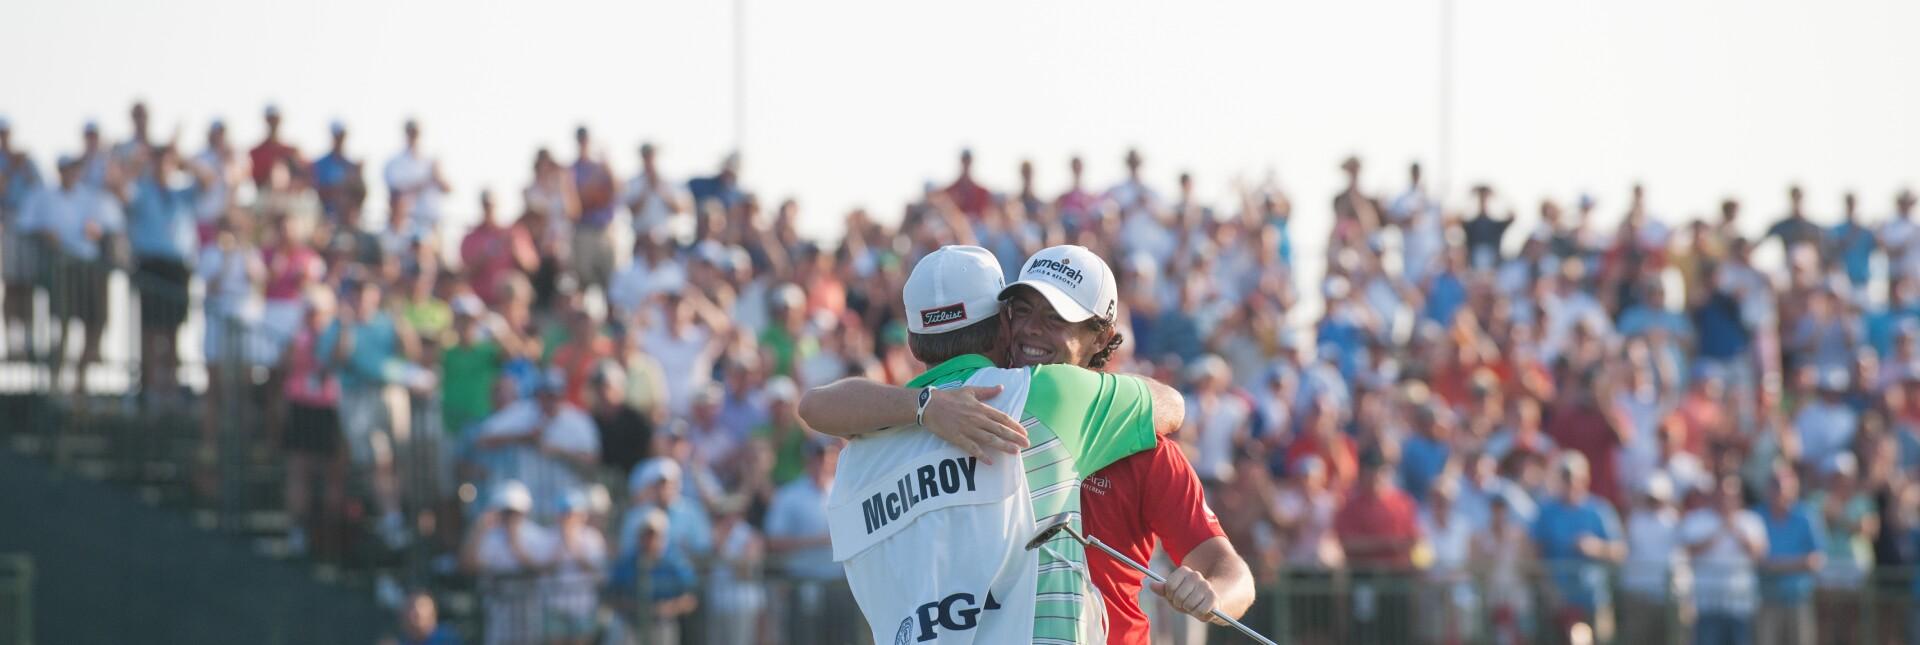 94th PGA Championship